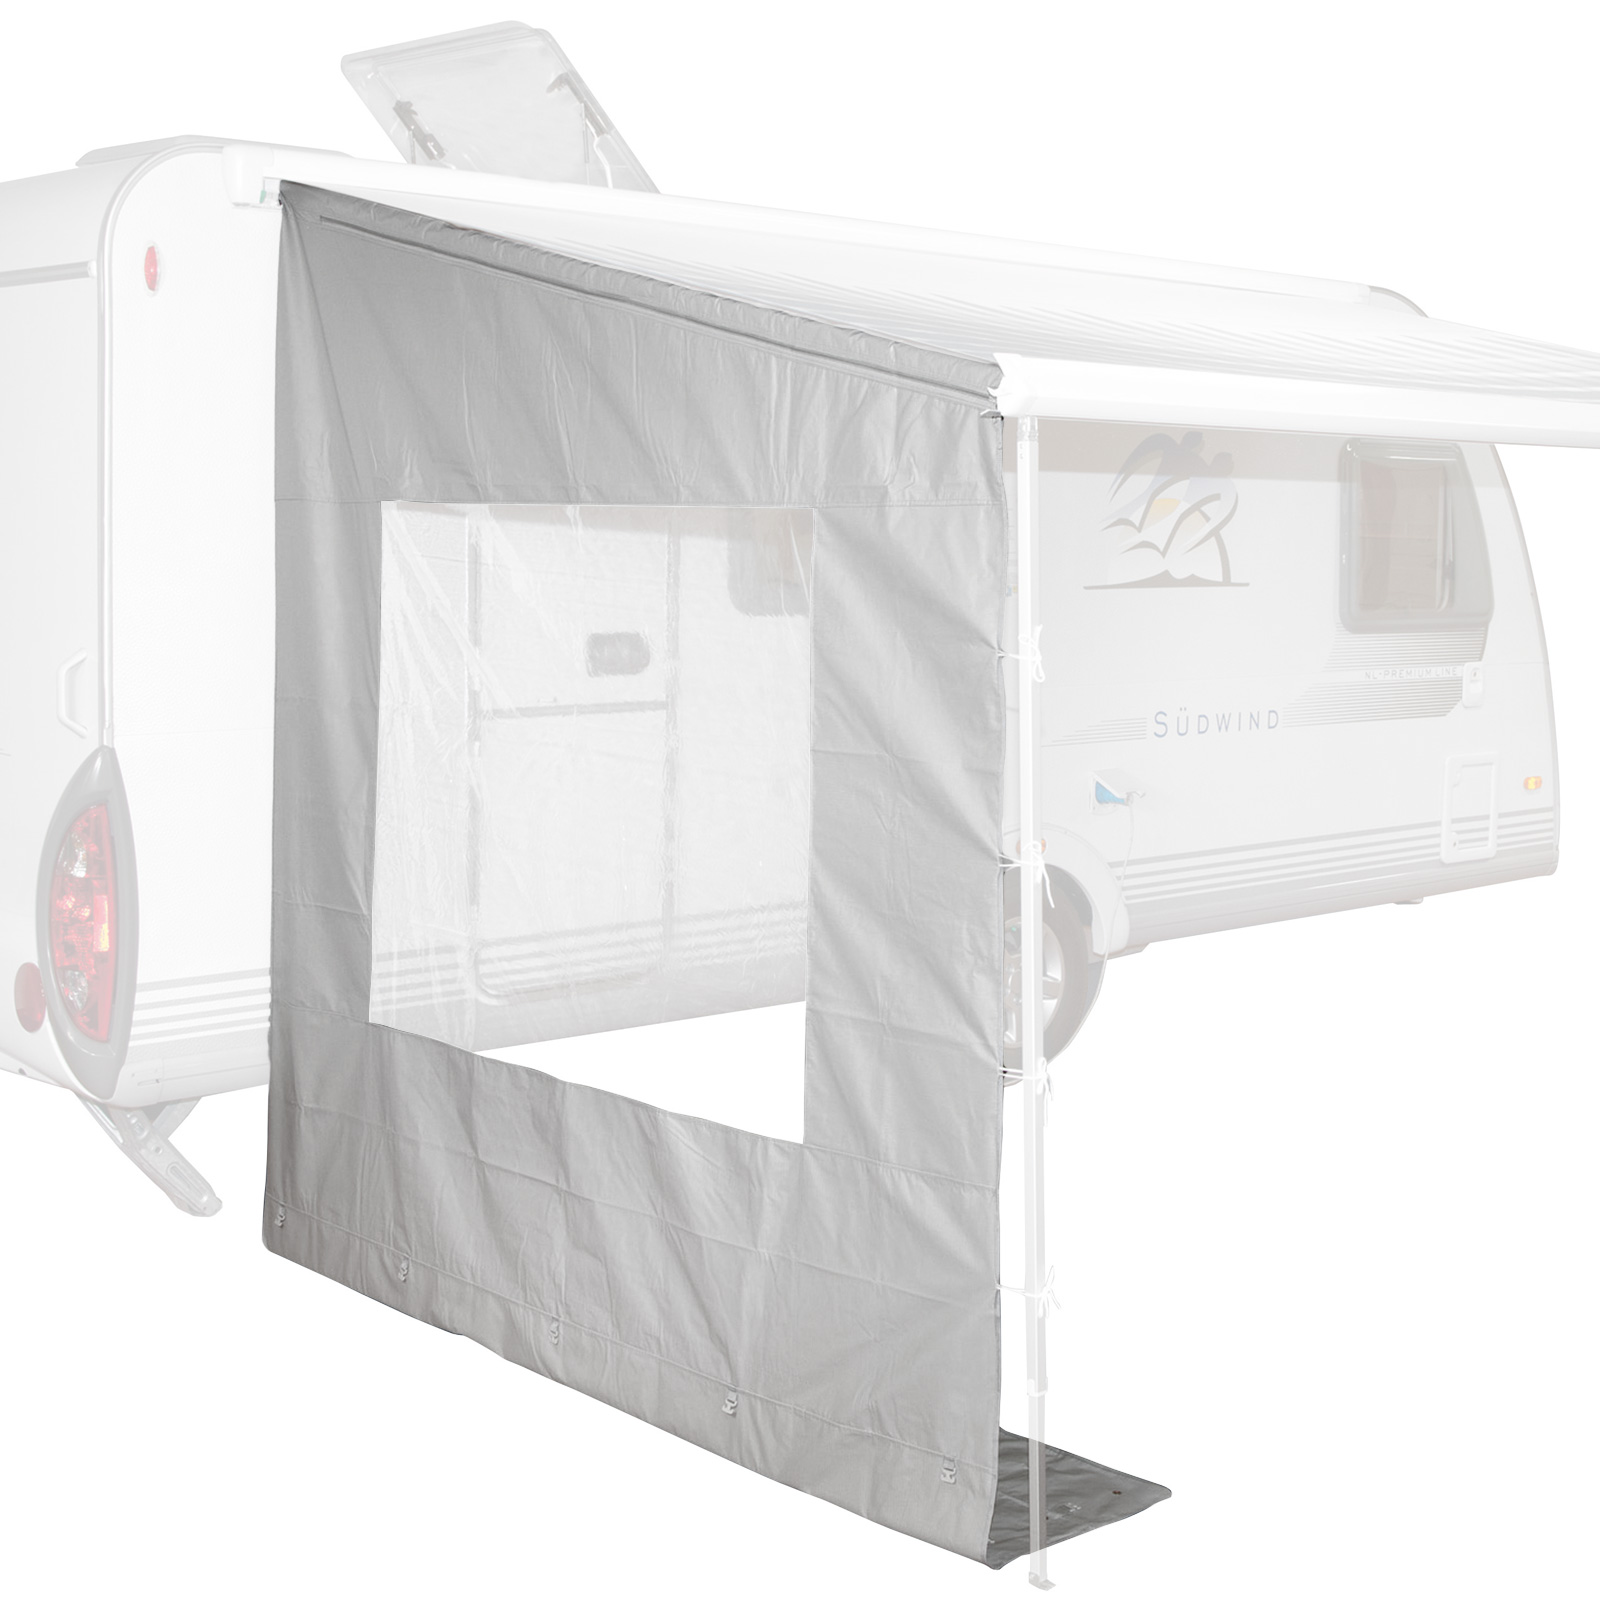 Markise Seitenwand Seitenteil Mit Fenster F R Wohnwagen